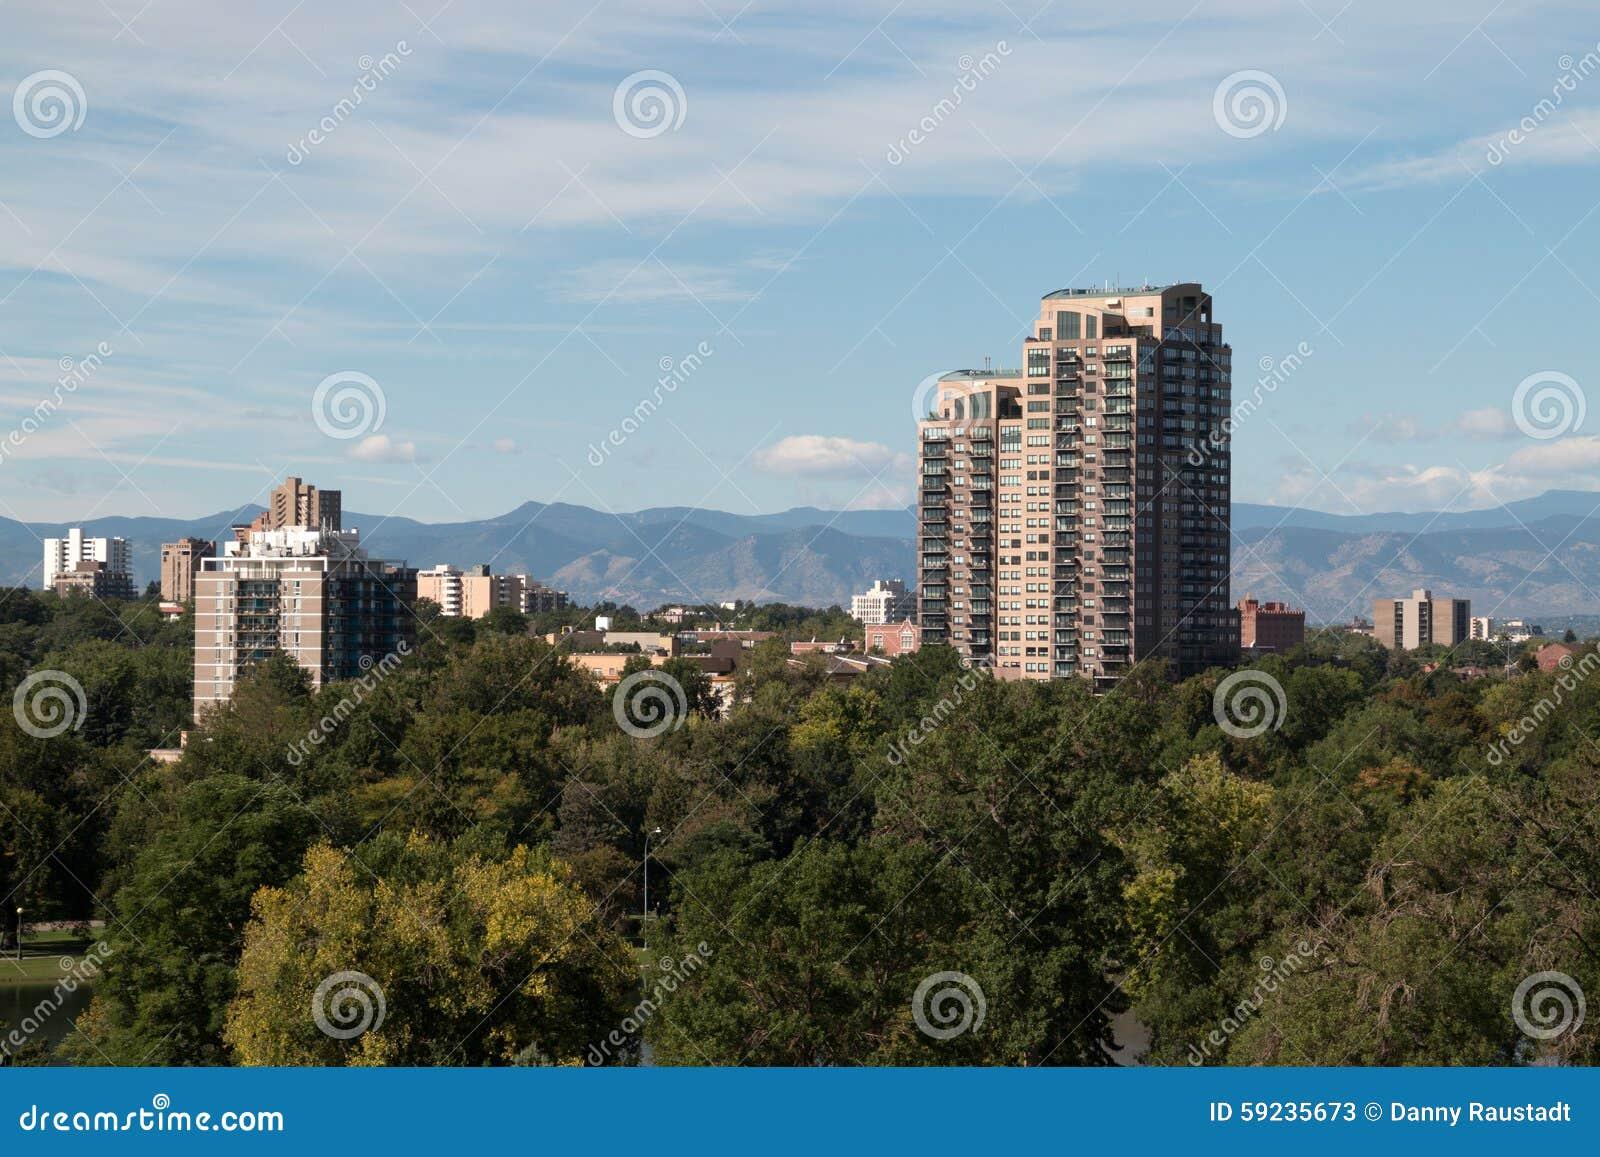 Download El Horizonte Emergente De Denver, Colorado Imagen de archivo - Imagen de apartamentos, arquitectónico: 59235673